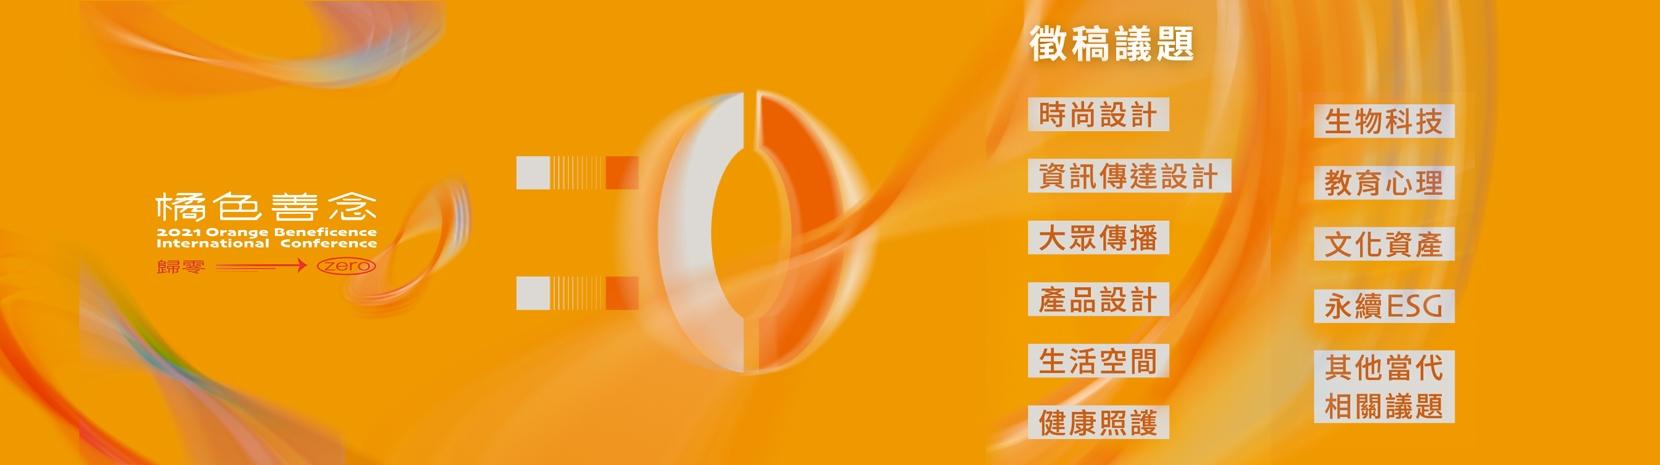 2021橘色善念國際研討會~歸零 徵稿